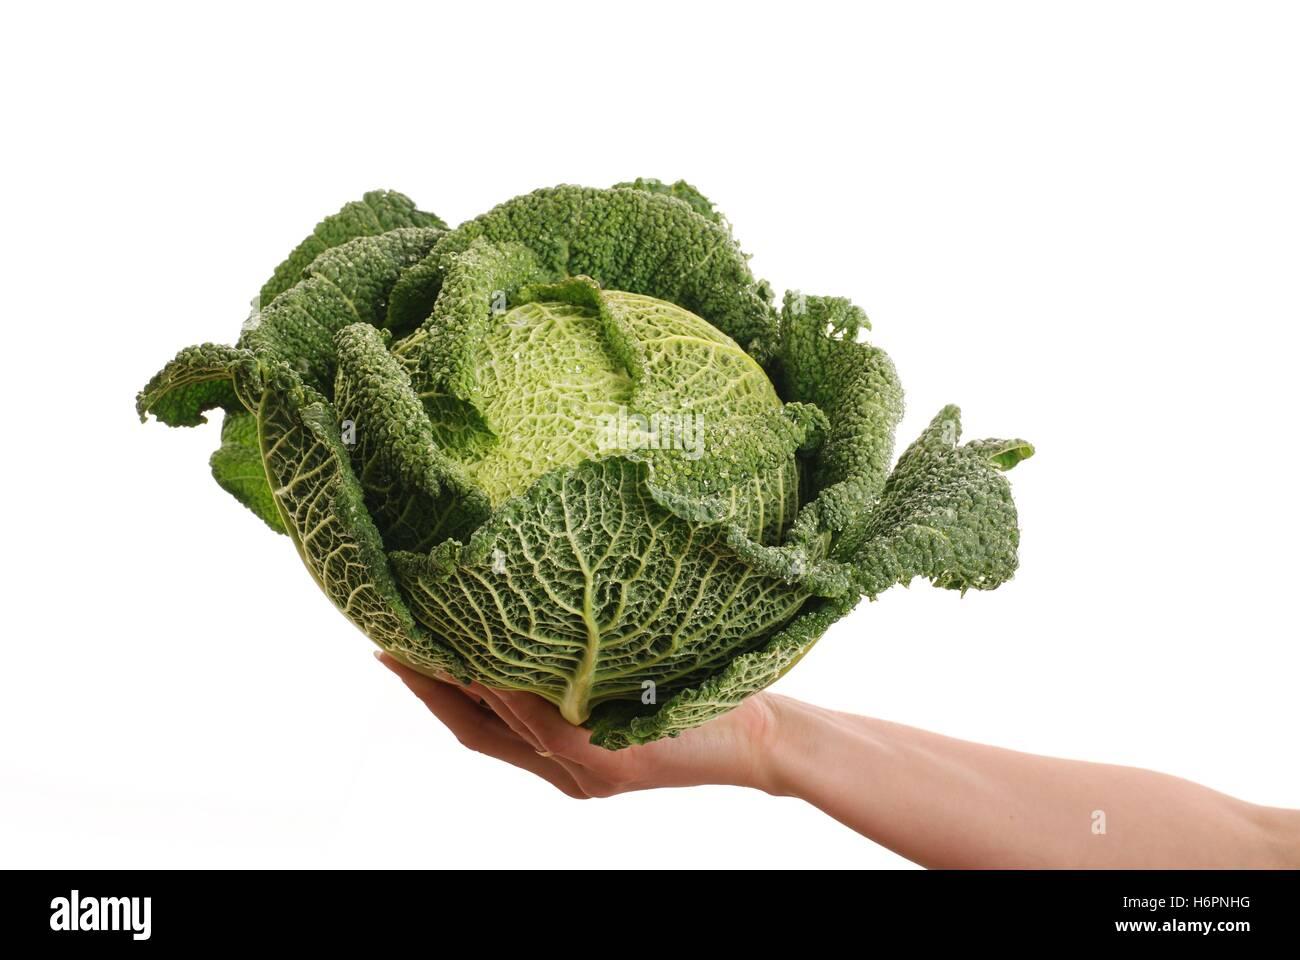 Foglie di cavolo isolati speciali savoy verdura verde erba food aliment foglia dettaglio salute stile di vita isolata Immagini Stock